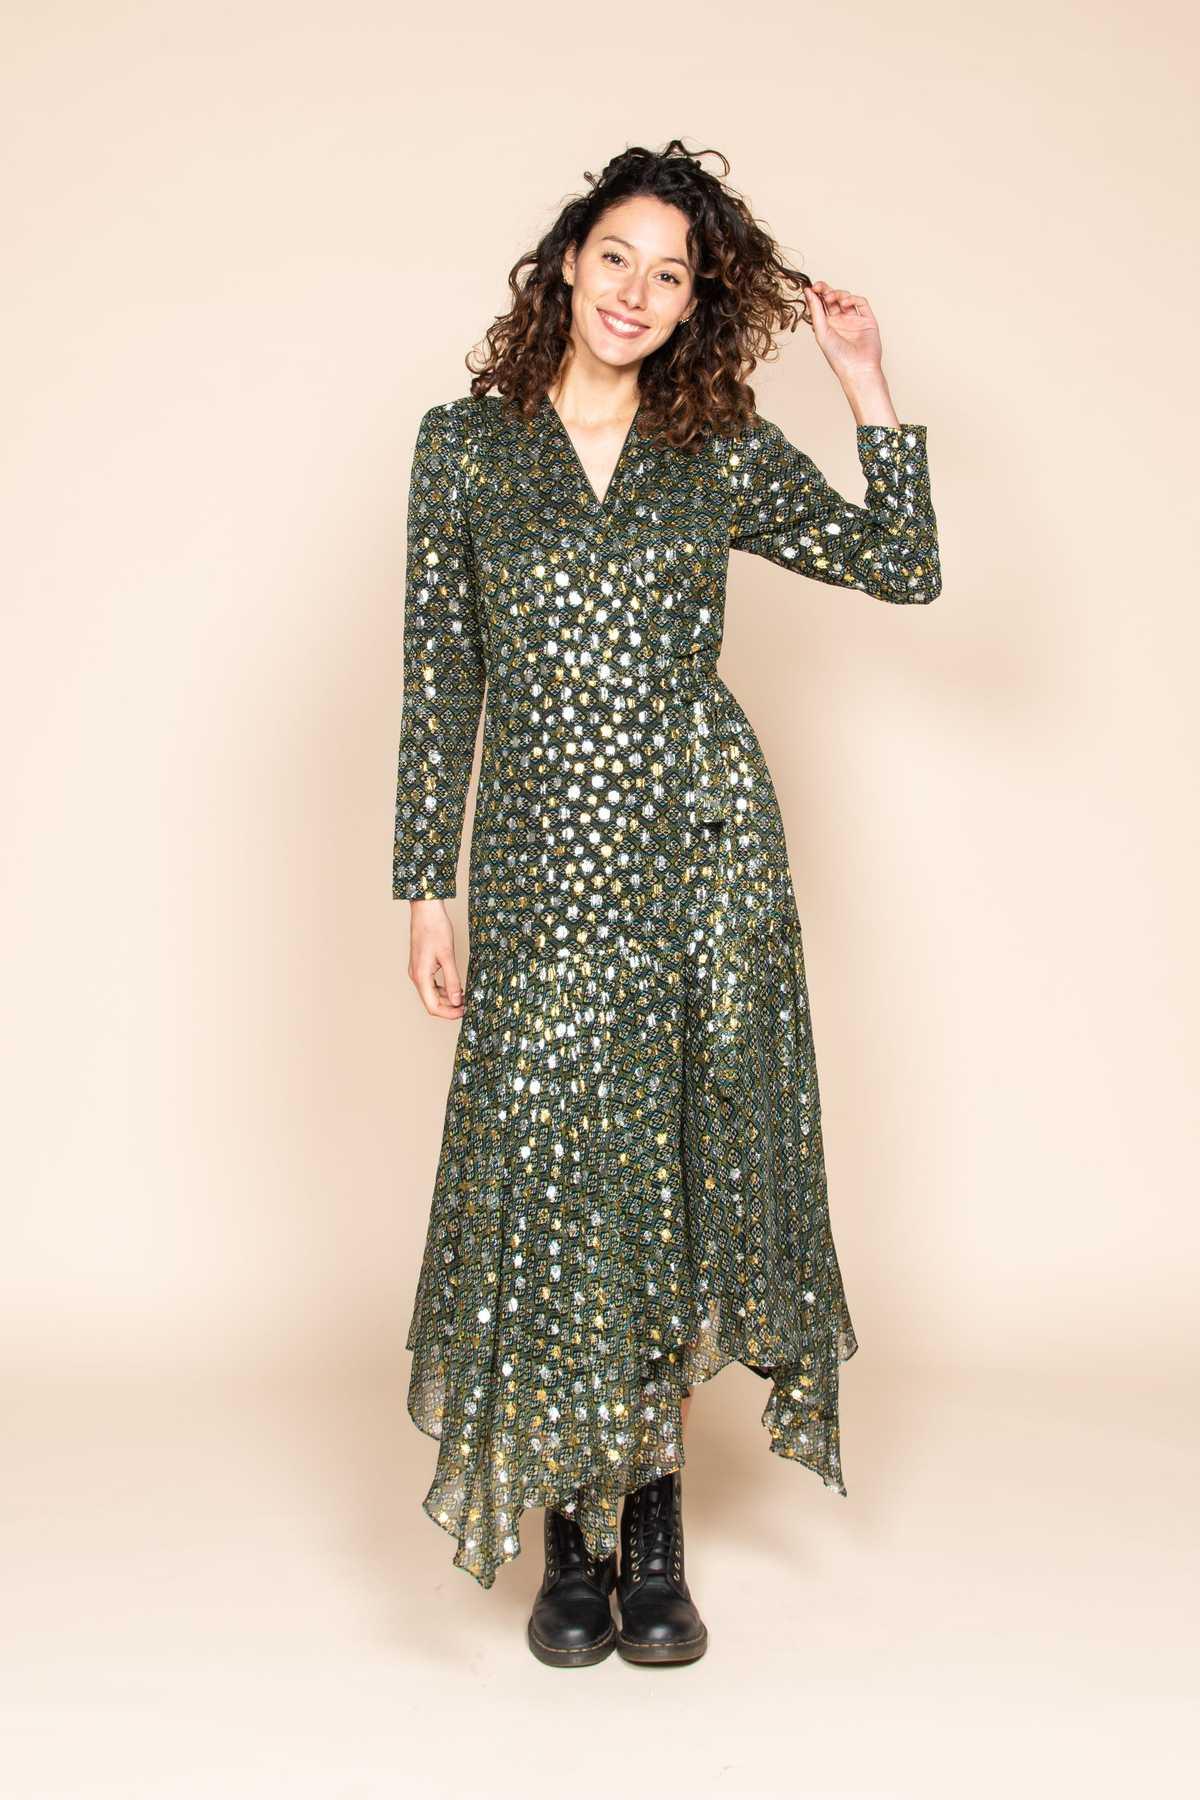 Magnifique Robe Longue Portefeuille Tr S Mode Robe Derhy